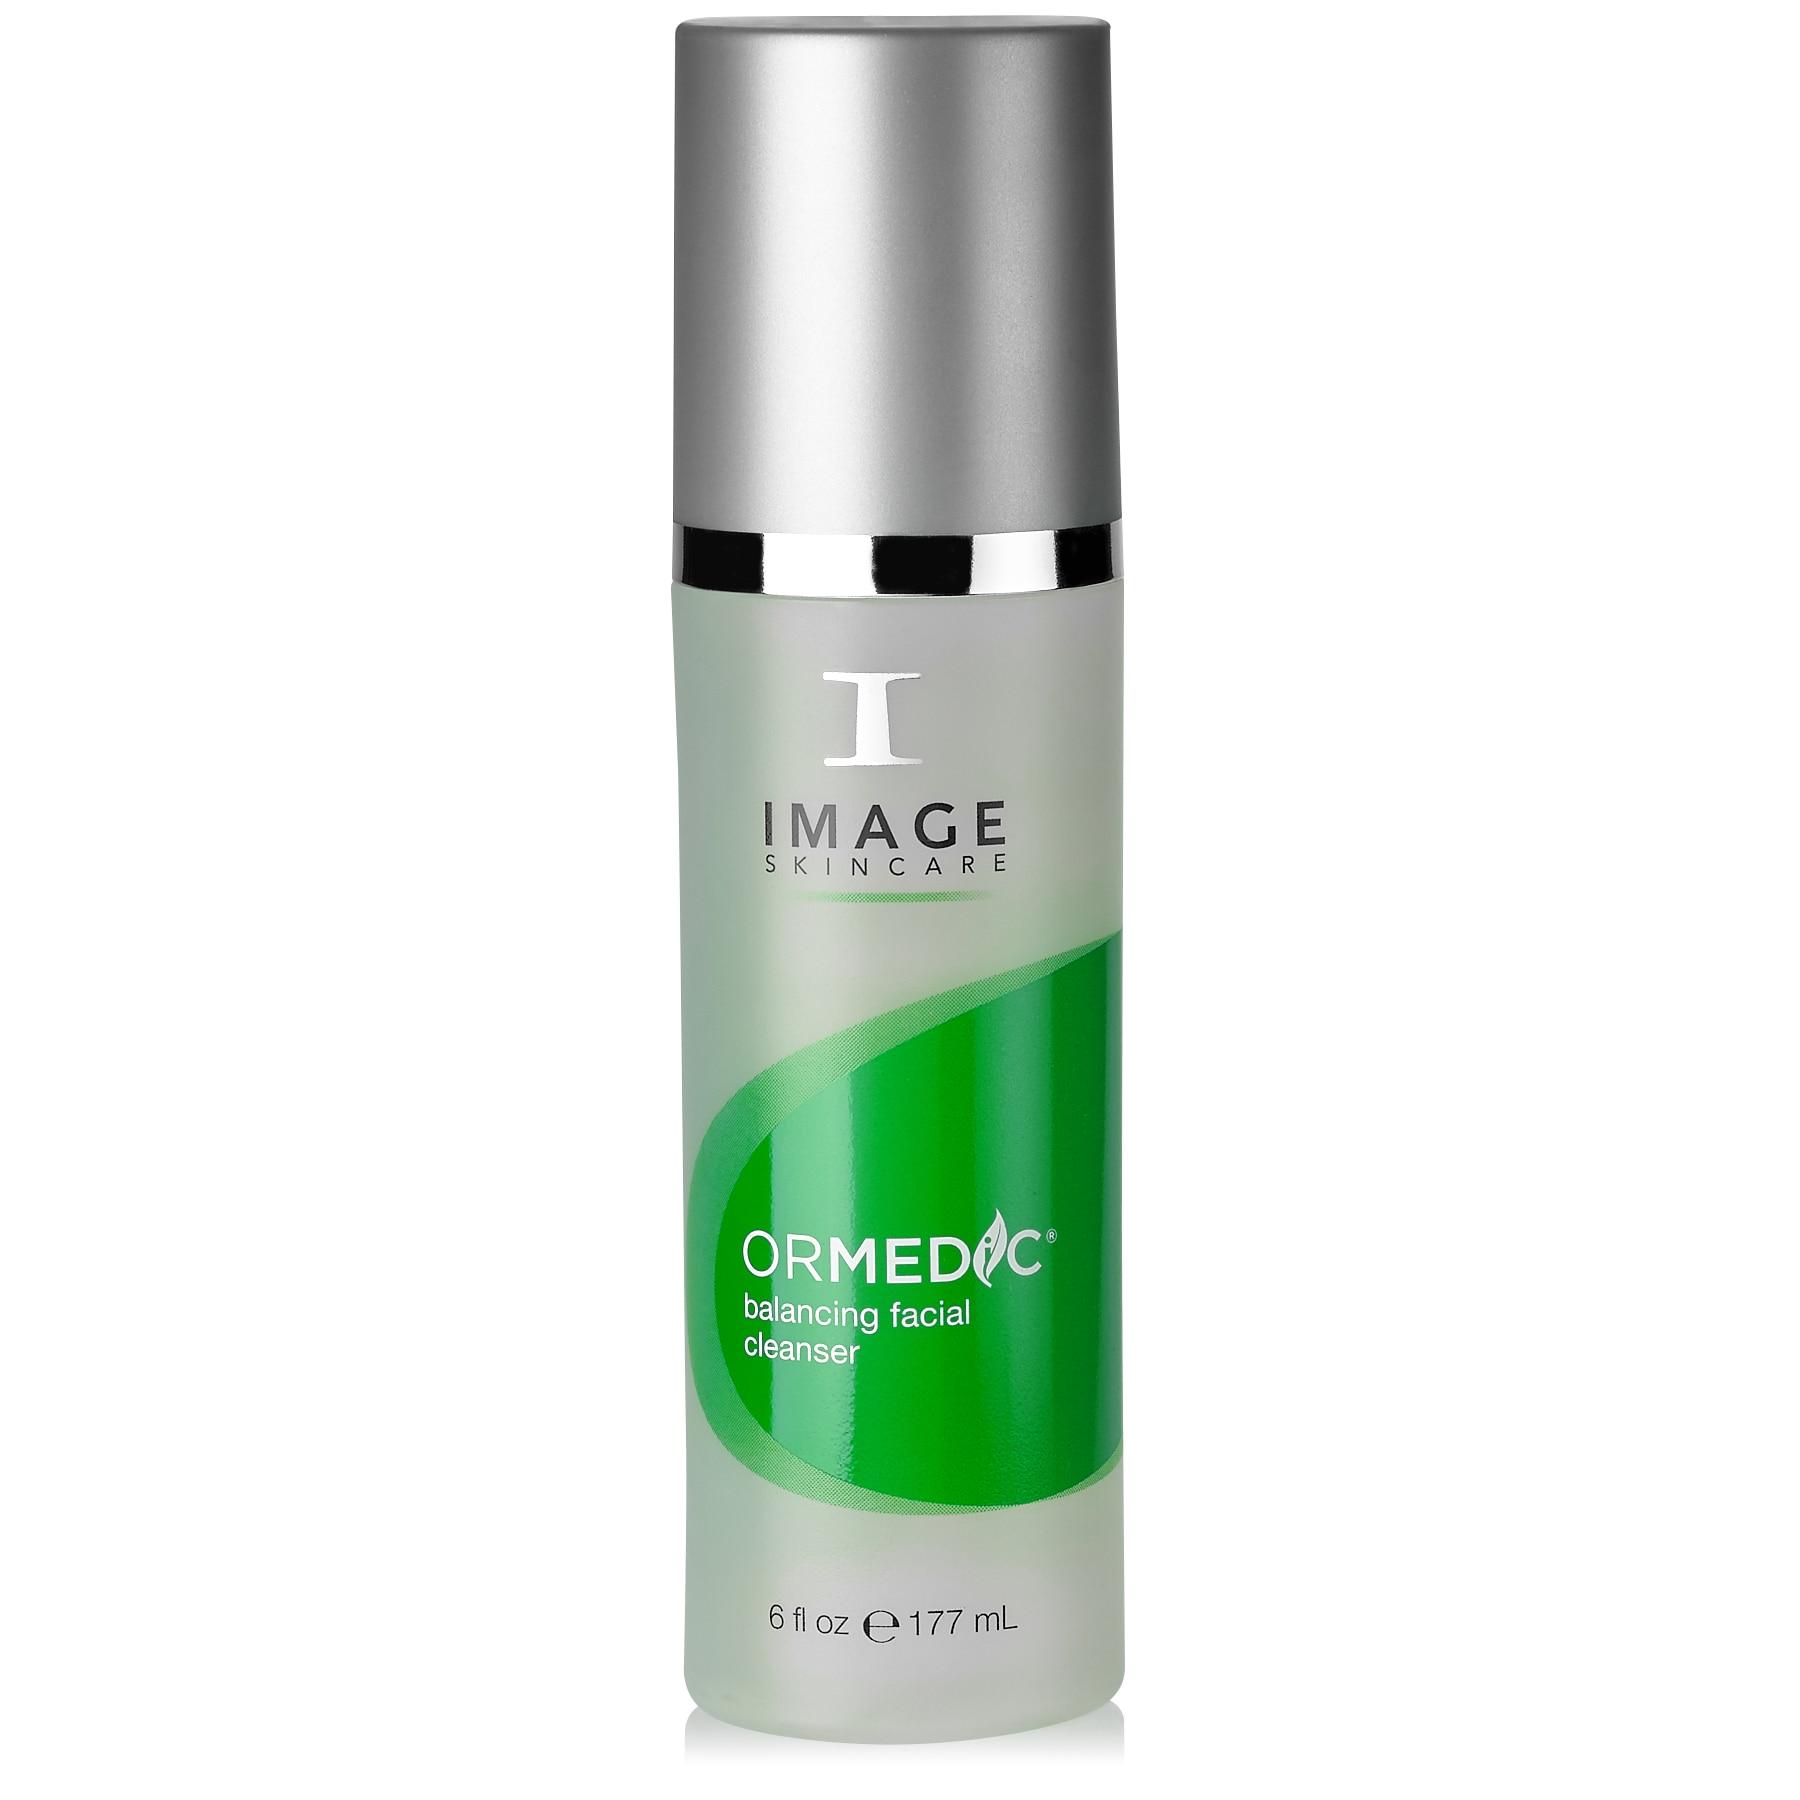 Shop Image Skincare Ormedic Balancing 6 Ounce Organic Facial